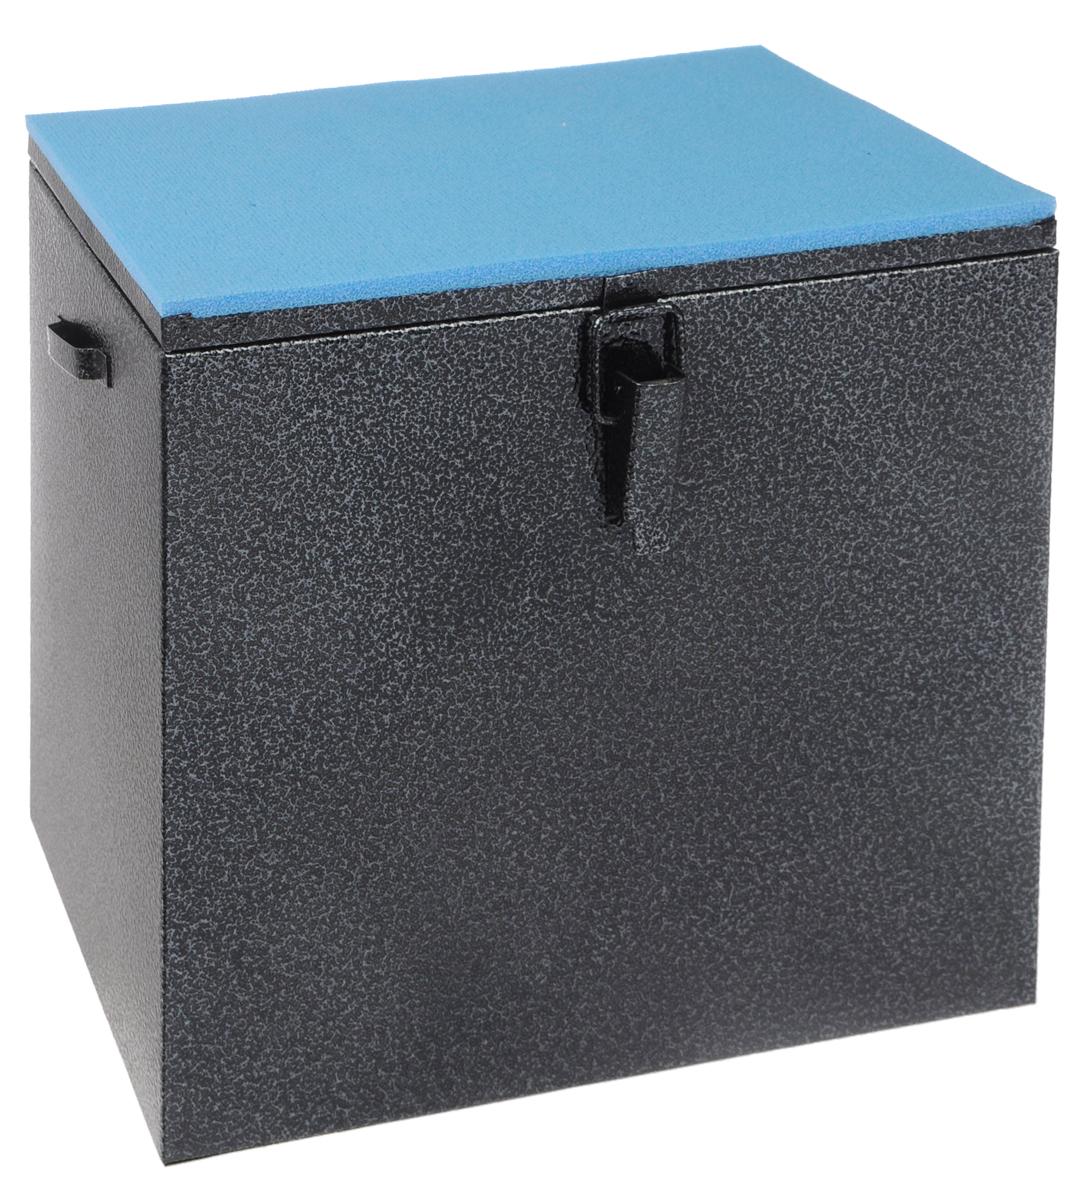 Ящик рыболова Рост, окрашенный, 30 см х 19 см х 29 см26733Прочный и надежный ящик Рост, выполненный из высококачественной окрашенной стали, сможет не один год прослужить любителю зимней рыбалки для транспортировки снастей и улова. Служащая сиденьем верхняя часть крышки оклеена плотным теплоизолятором - пенополиэтиленом с рифленой поверхностью. Внутренний объем ящика разделен перегородкой, придающей конструкции дополнительную жесткость. Боковые стенки емкости снабжены петлями для крепления идущего в комплекте плечевого ремня.